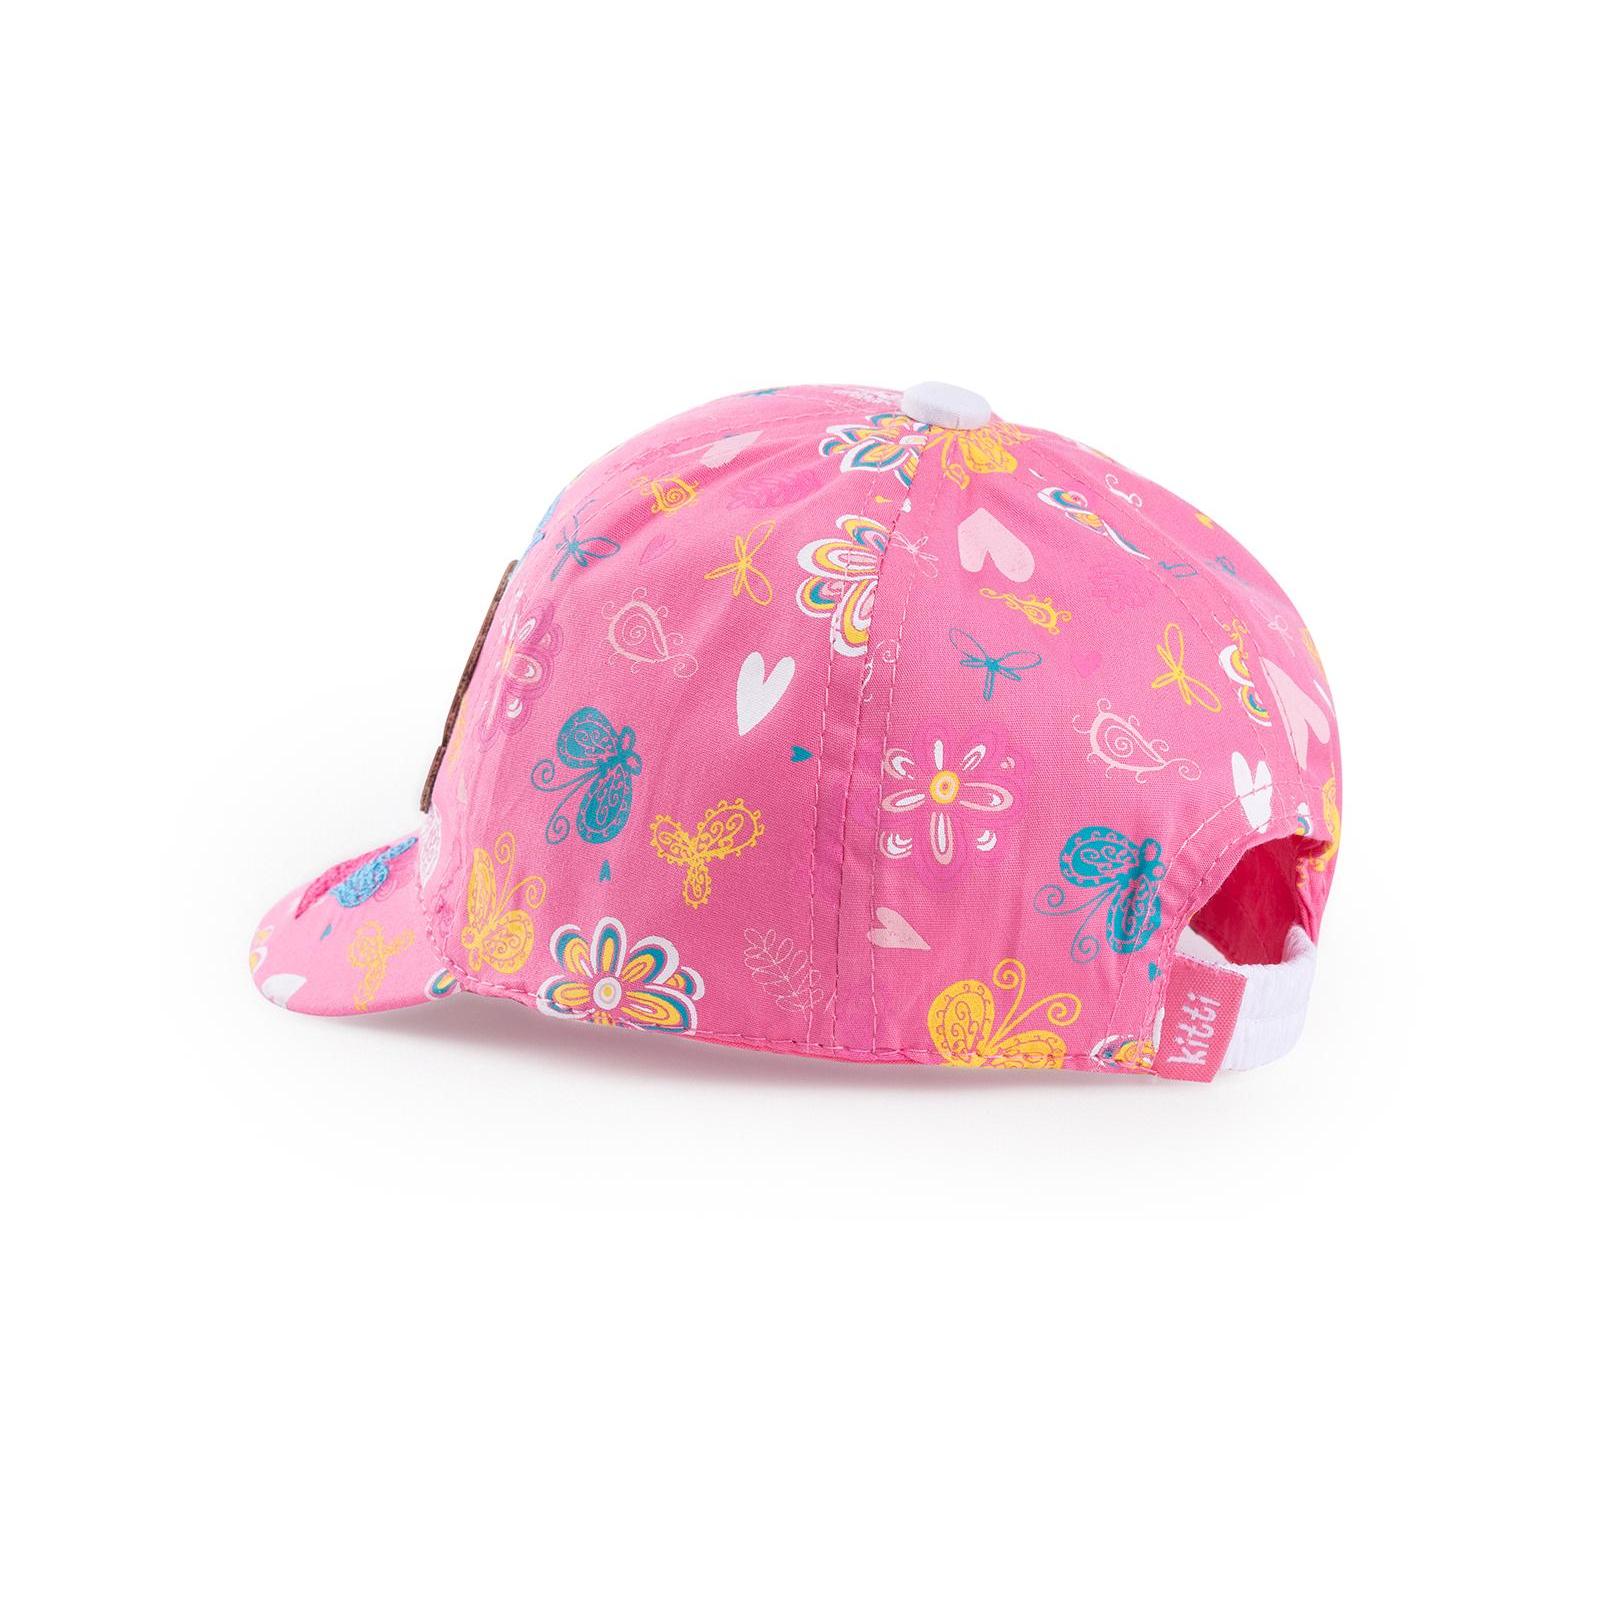 """Кепка Kitti """"PUPPY"""" (Y8000-3-44G-pink) изображение 2"""